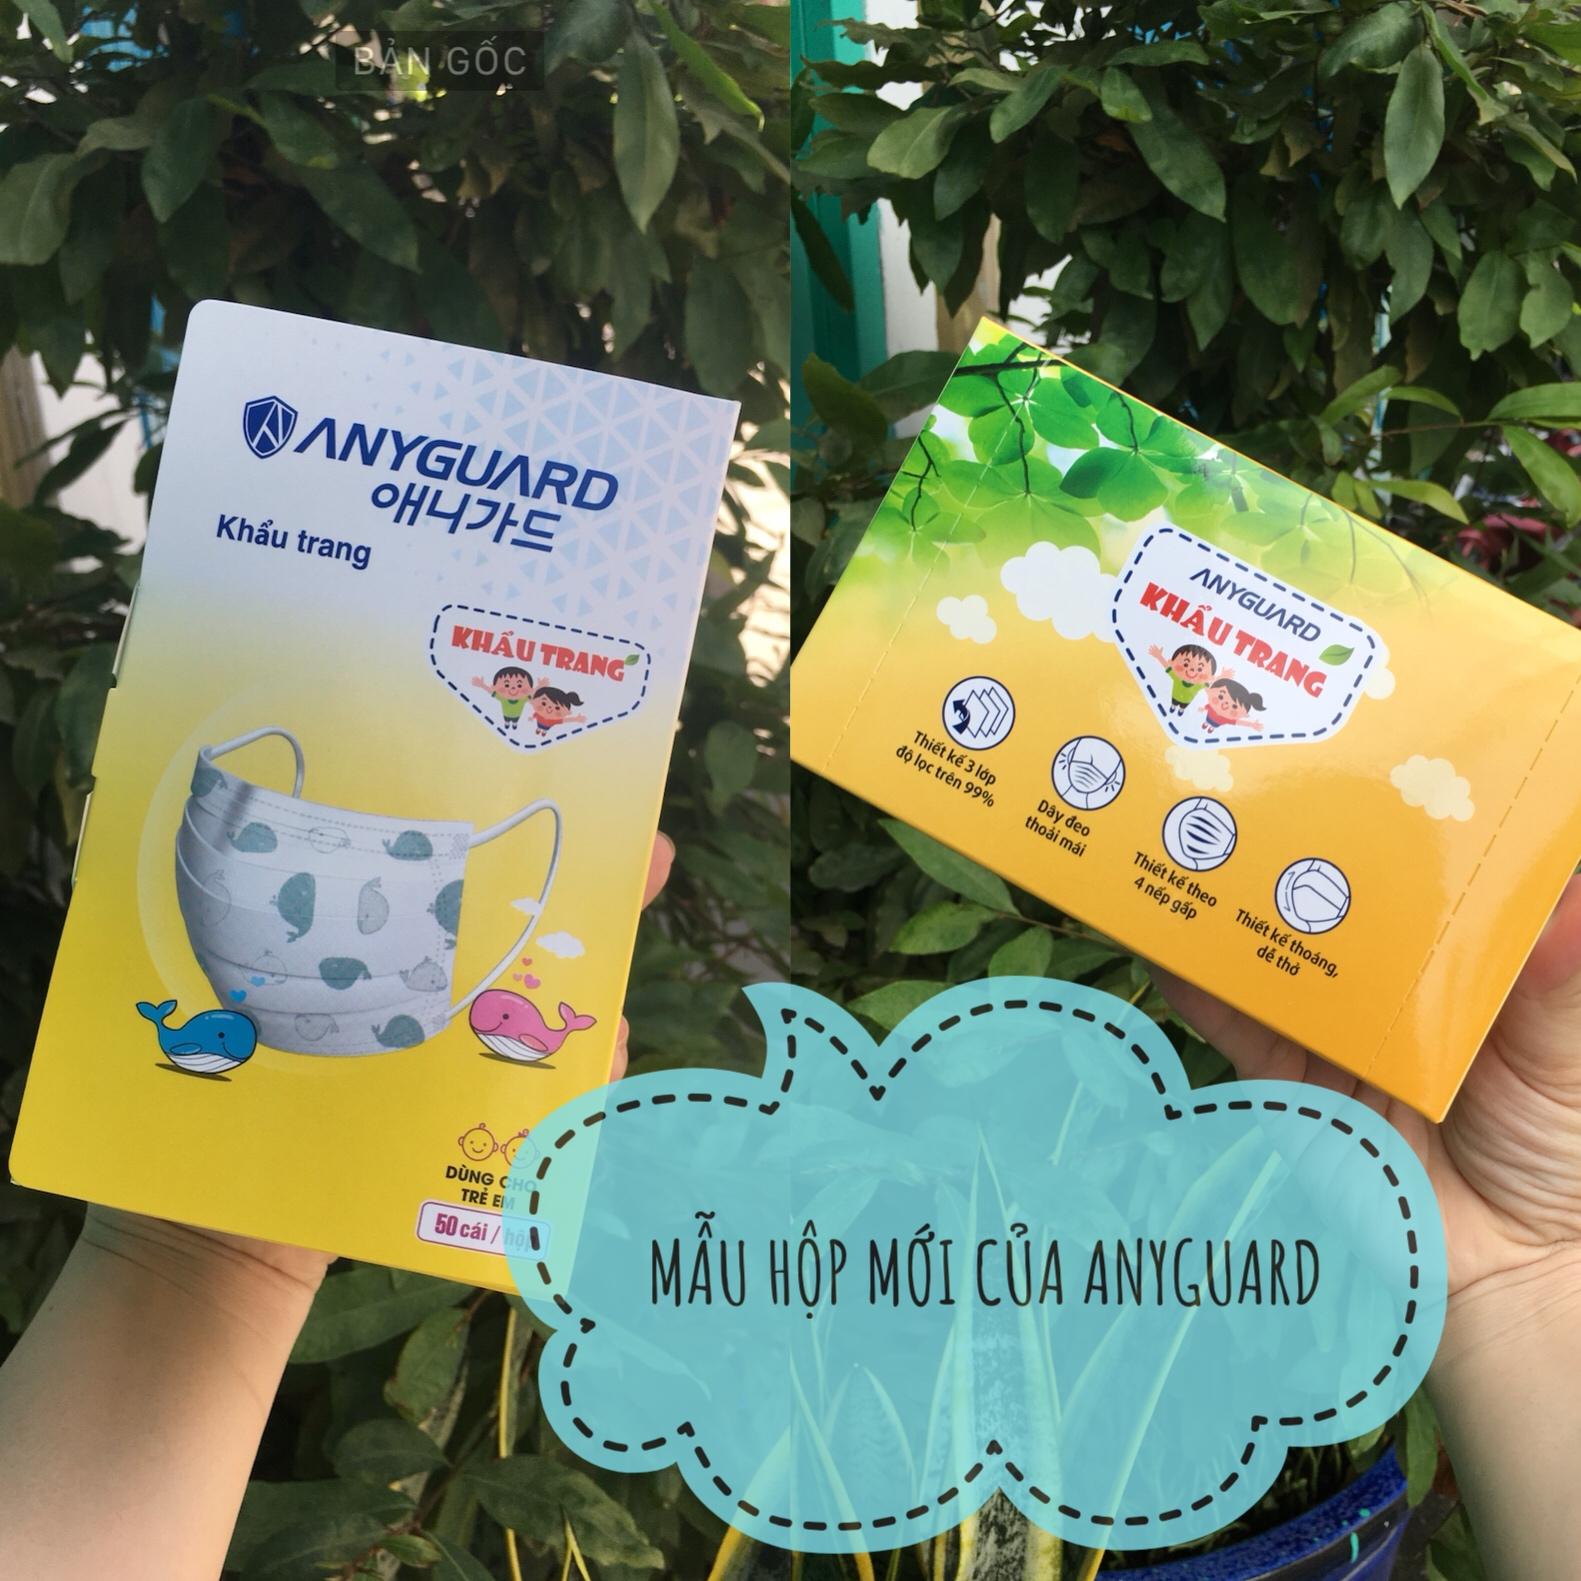 Hình ảnh [CHÍNH HÃNG - NEW VERSION] Hộp 50 cái khẩu trang y tế ANYGUARD an toàn cho bé sản xuất theo công nghệ Hàn Quốc -50 pieces face mask Anyguard for kids